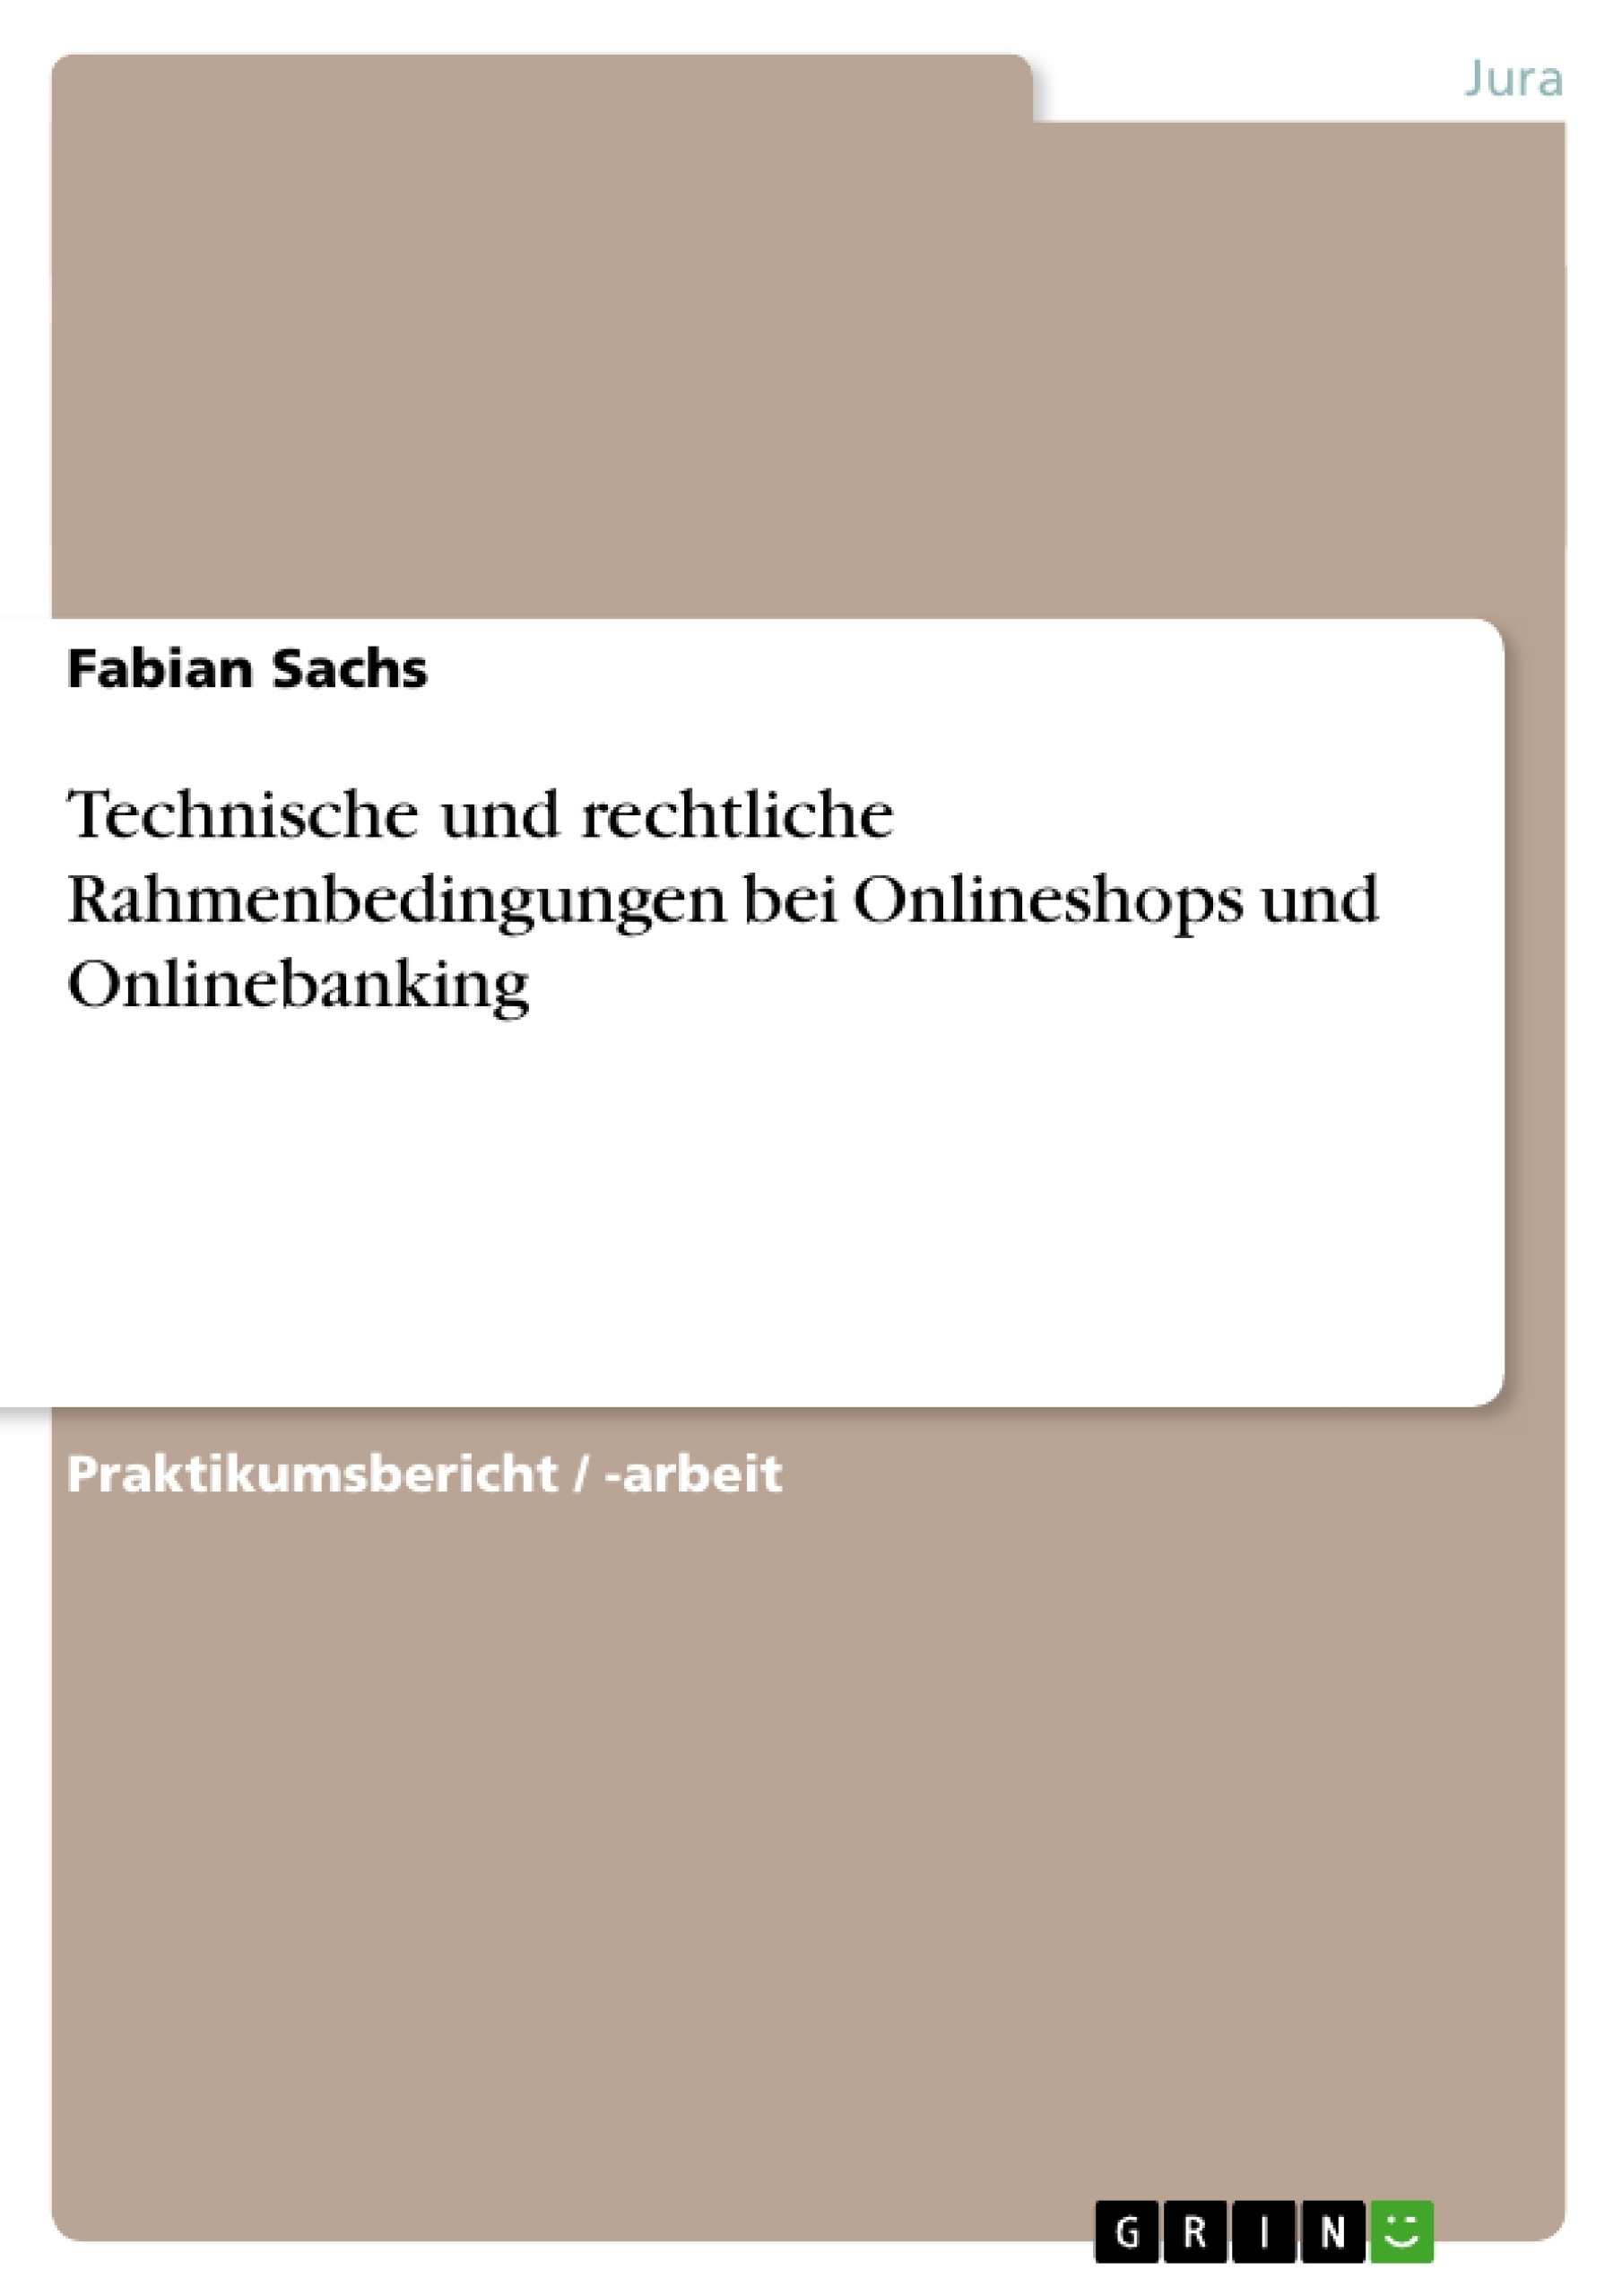 Titel: Technische und rechtliche Rahmenbedingungen bei Onlineshops und Onlinebanking